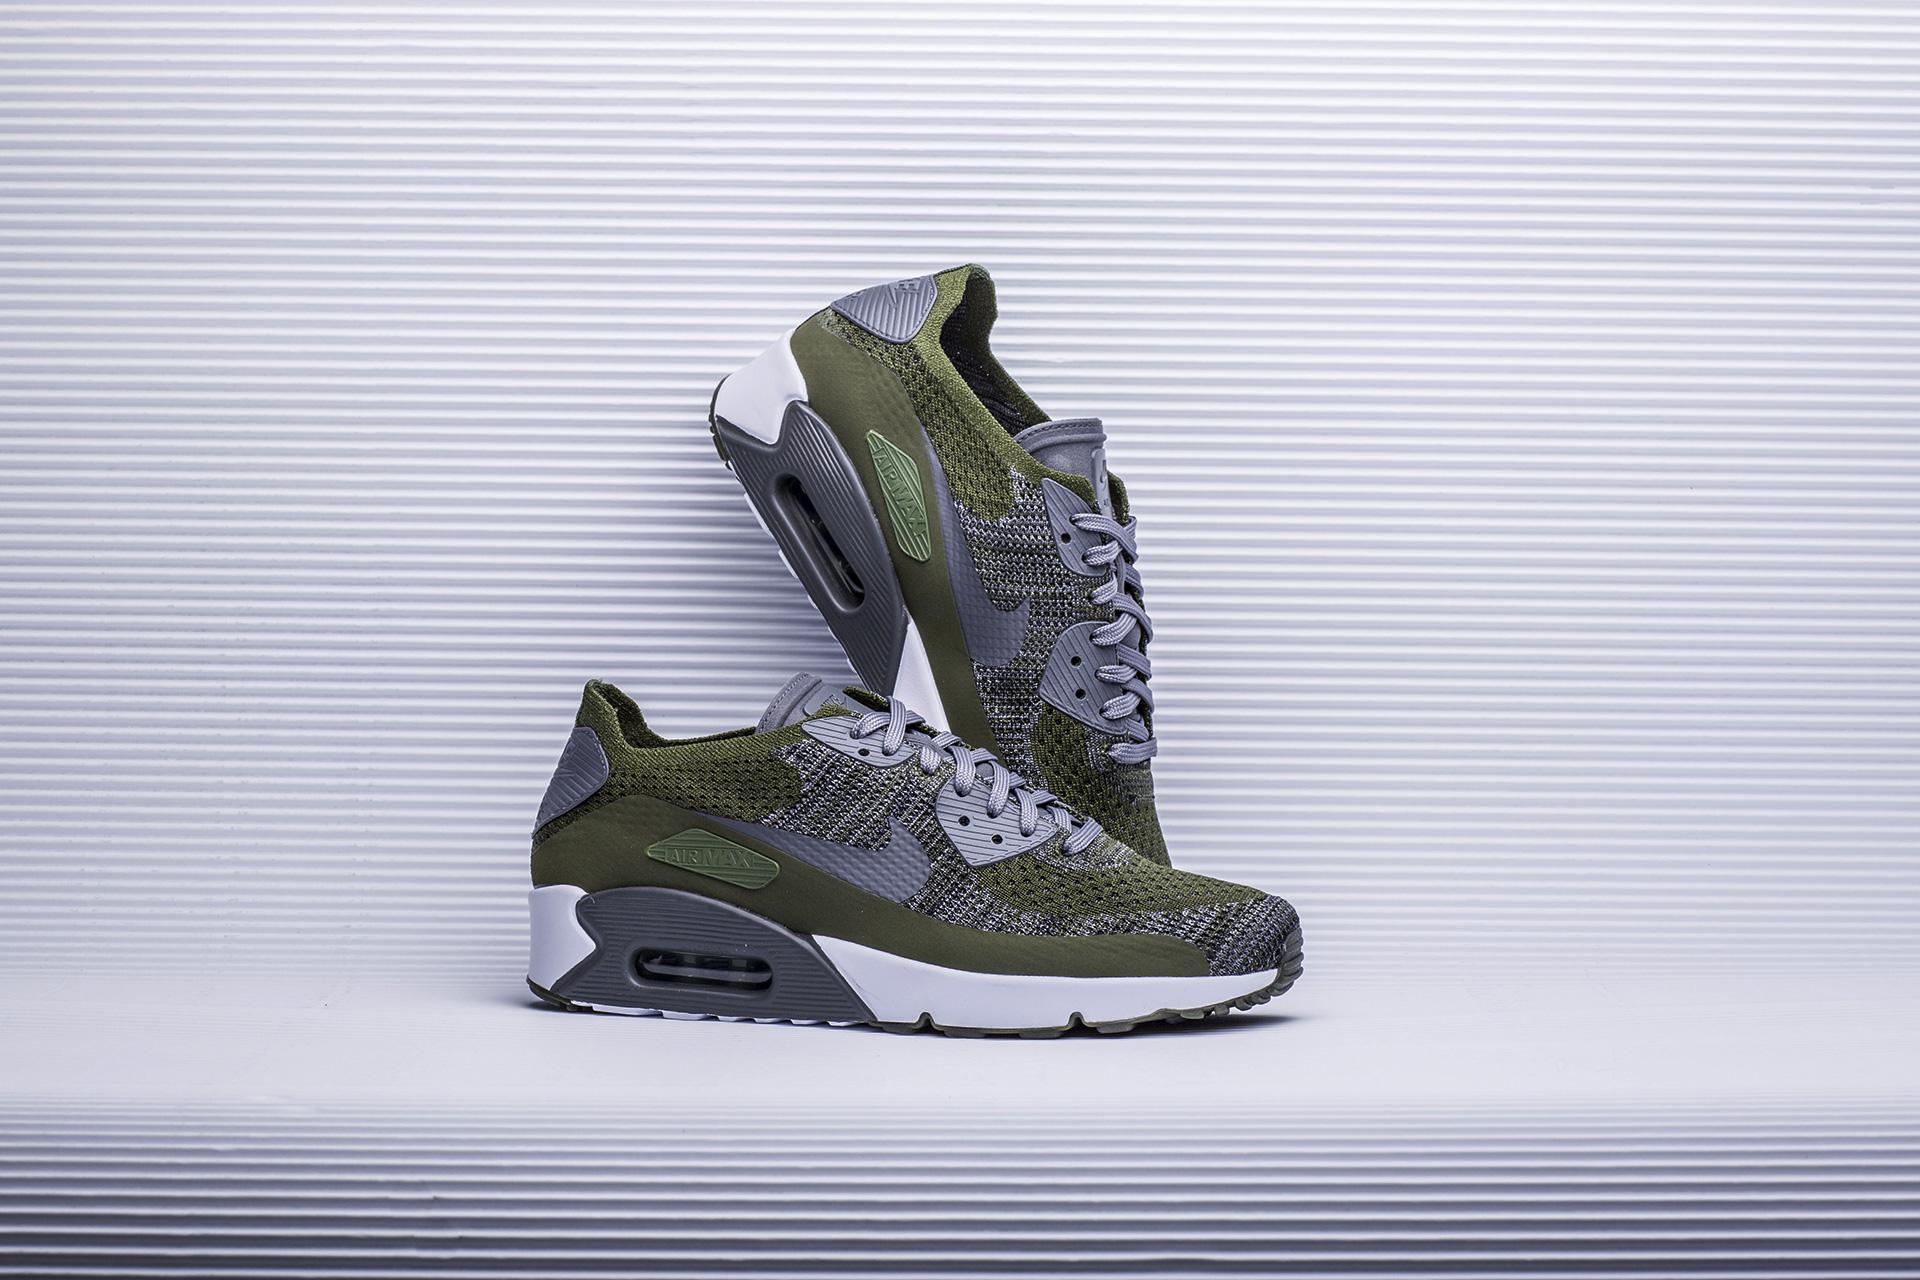 c0607740 Купить зеленые мужские кроссовки Air Max 90 Ultra 2.0 Flyknit от ...